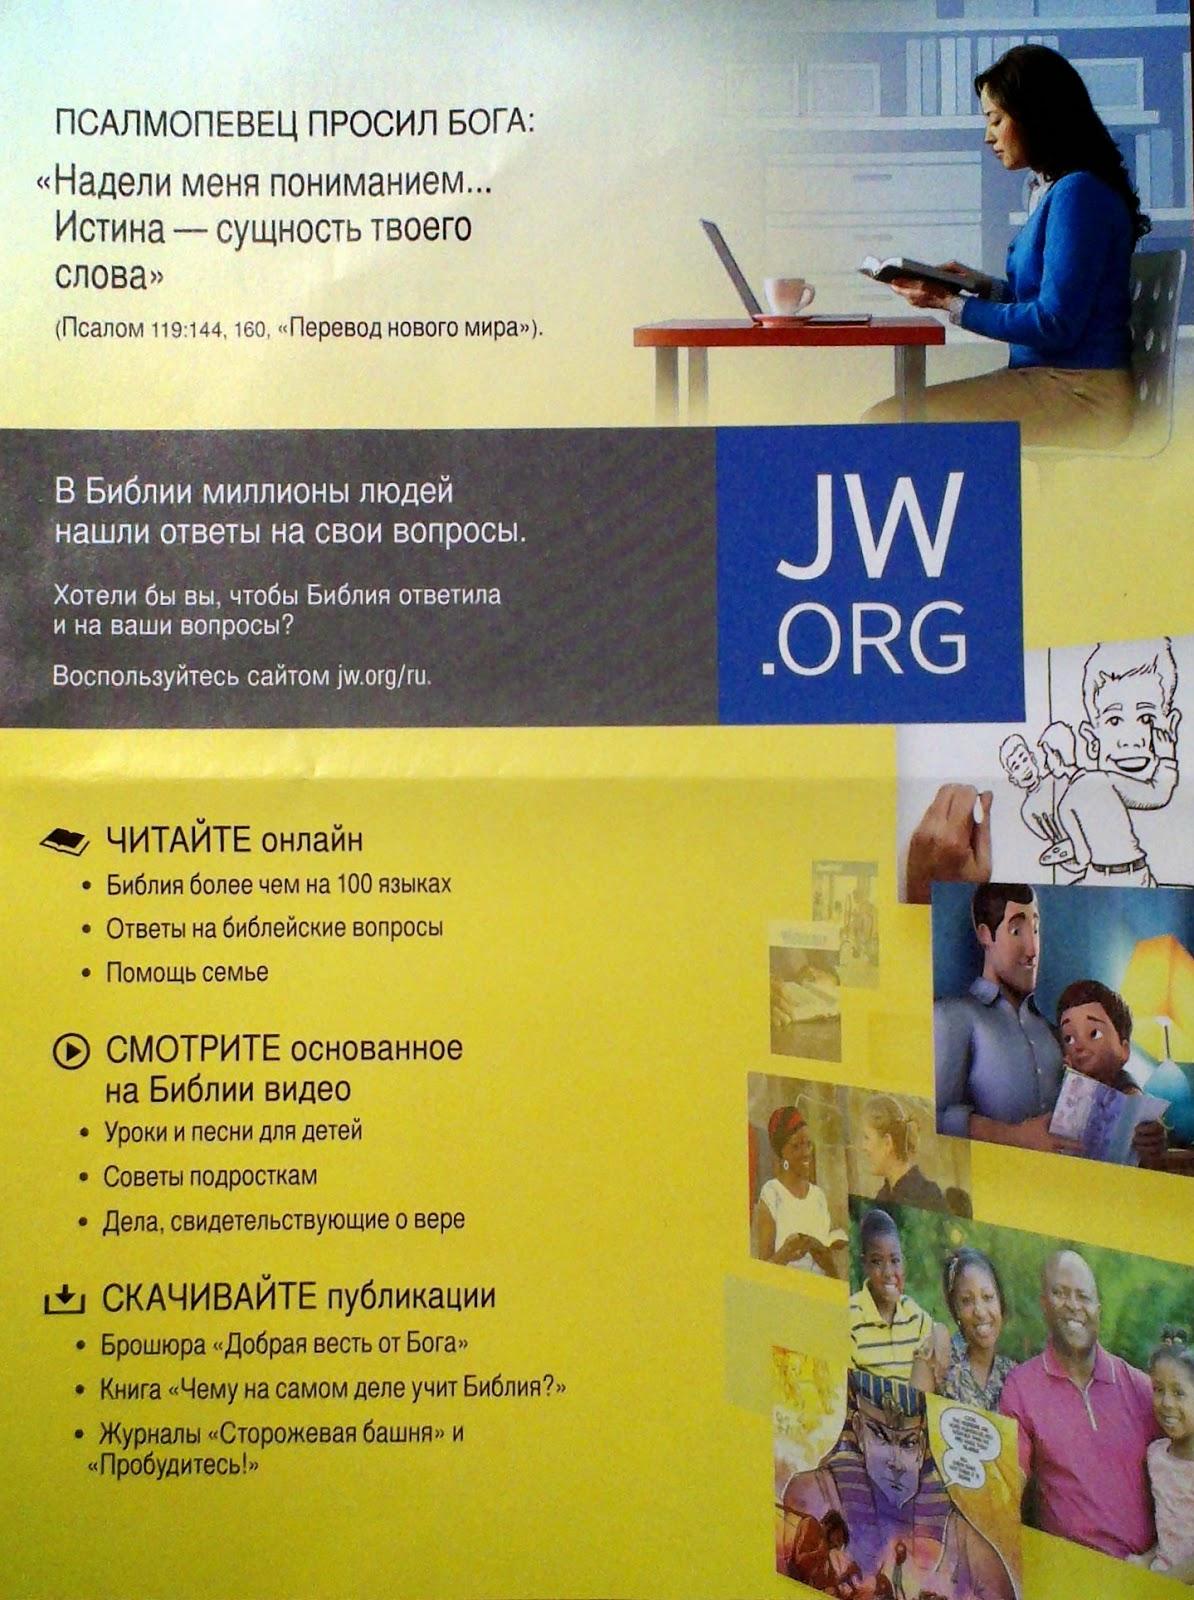 Приглашение посетить сайт JW ORG